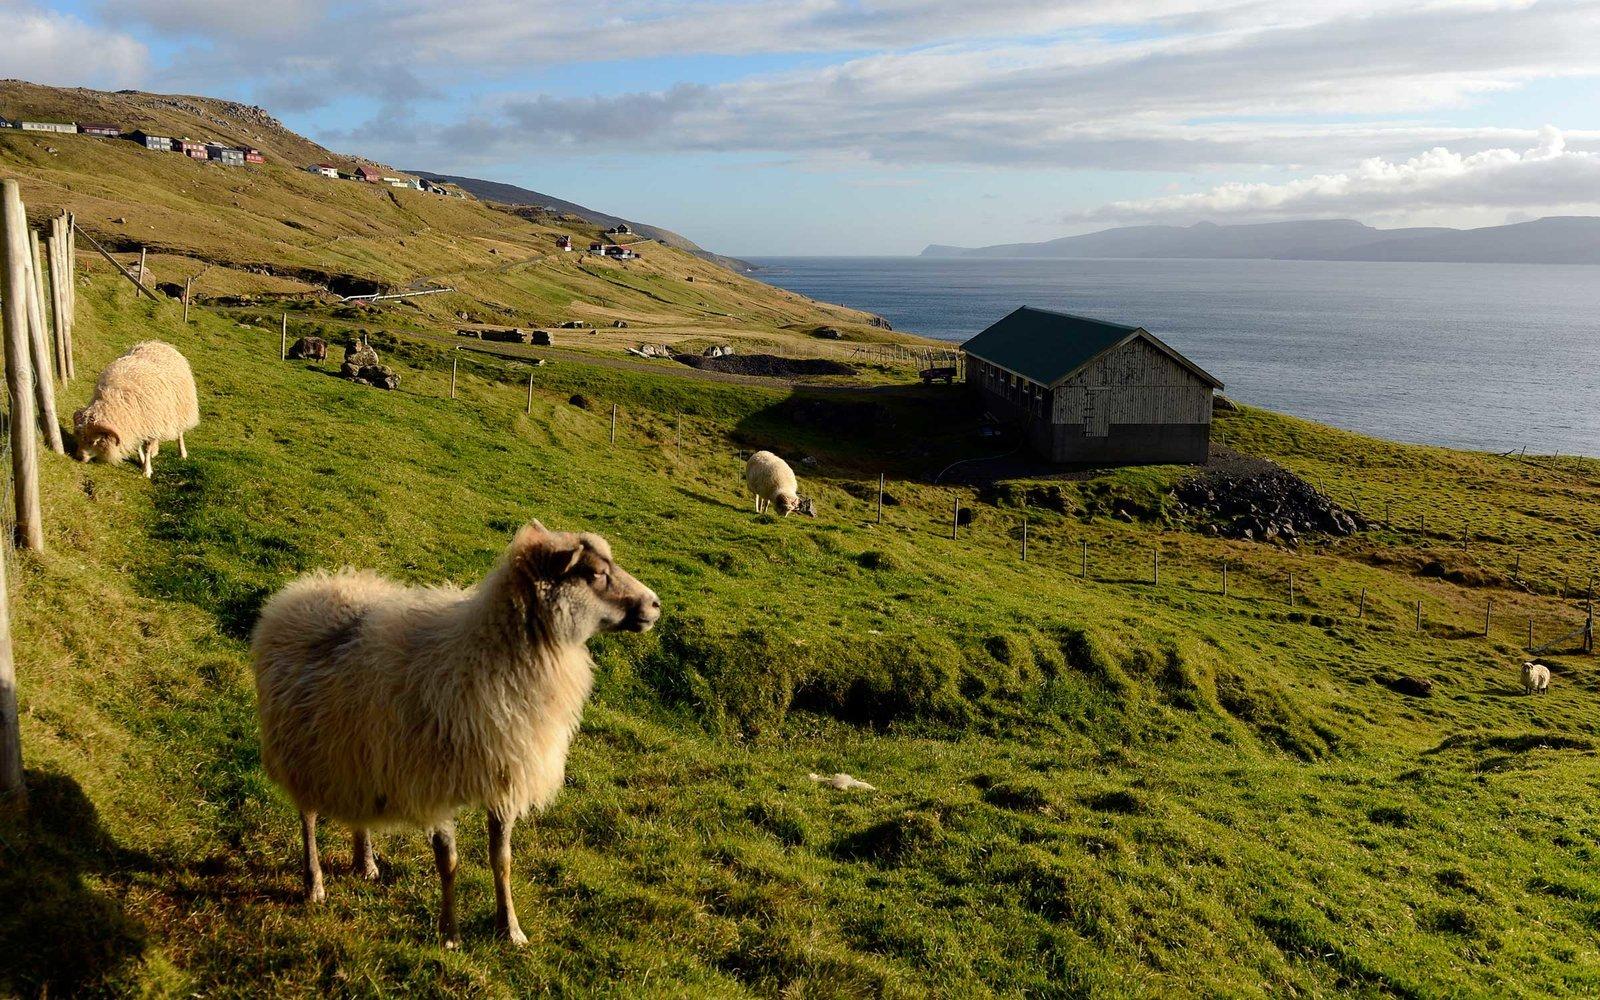 Imagens no estilo Street View das Ilhas Faroé foram feitas com ovelhas